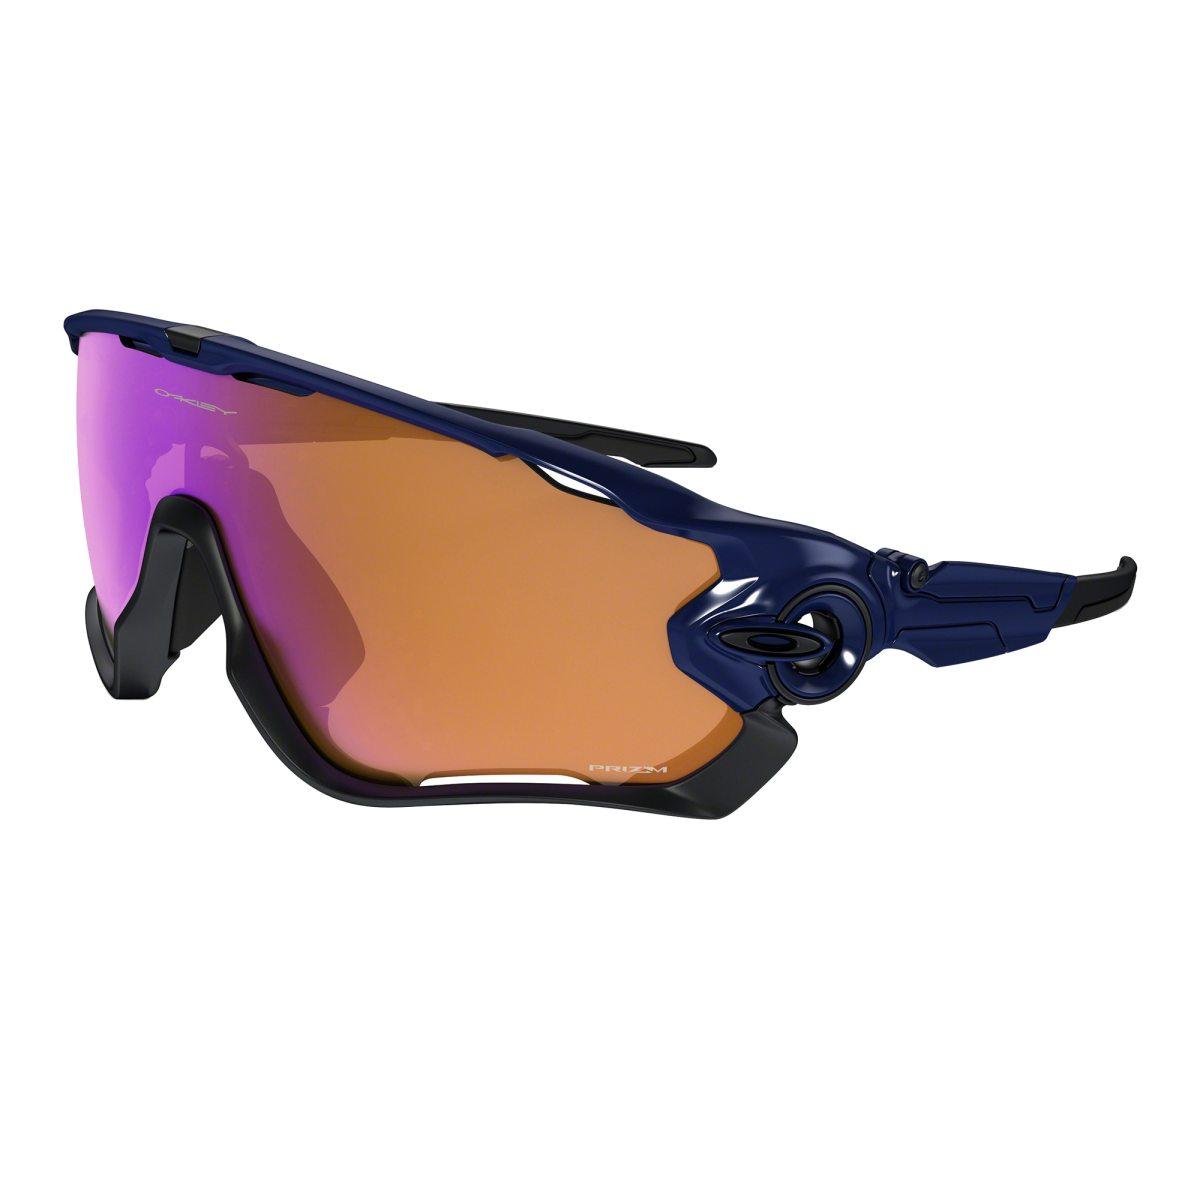 7e665aa85 jawbreaker prizm road oakley sportsbriller løp fritid available via ...